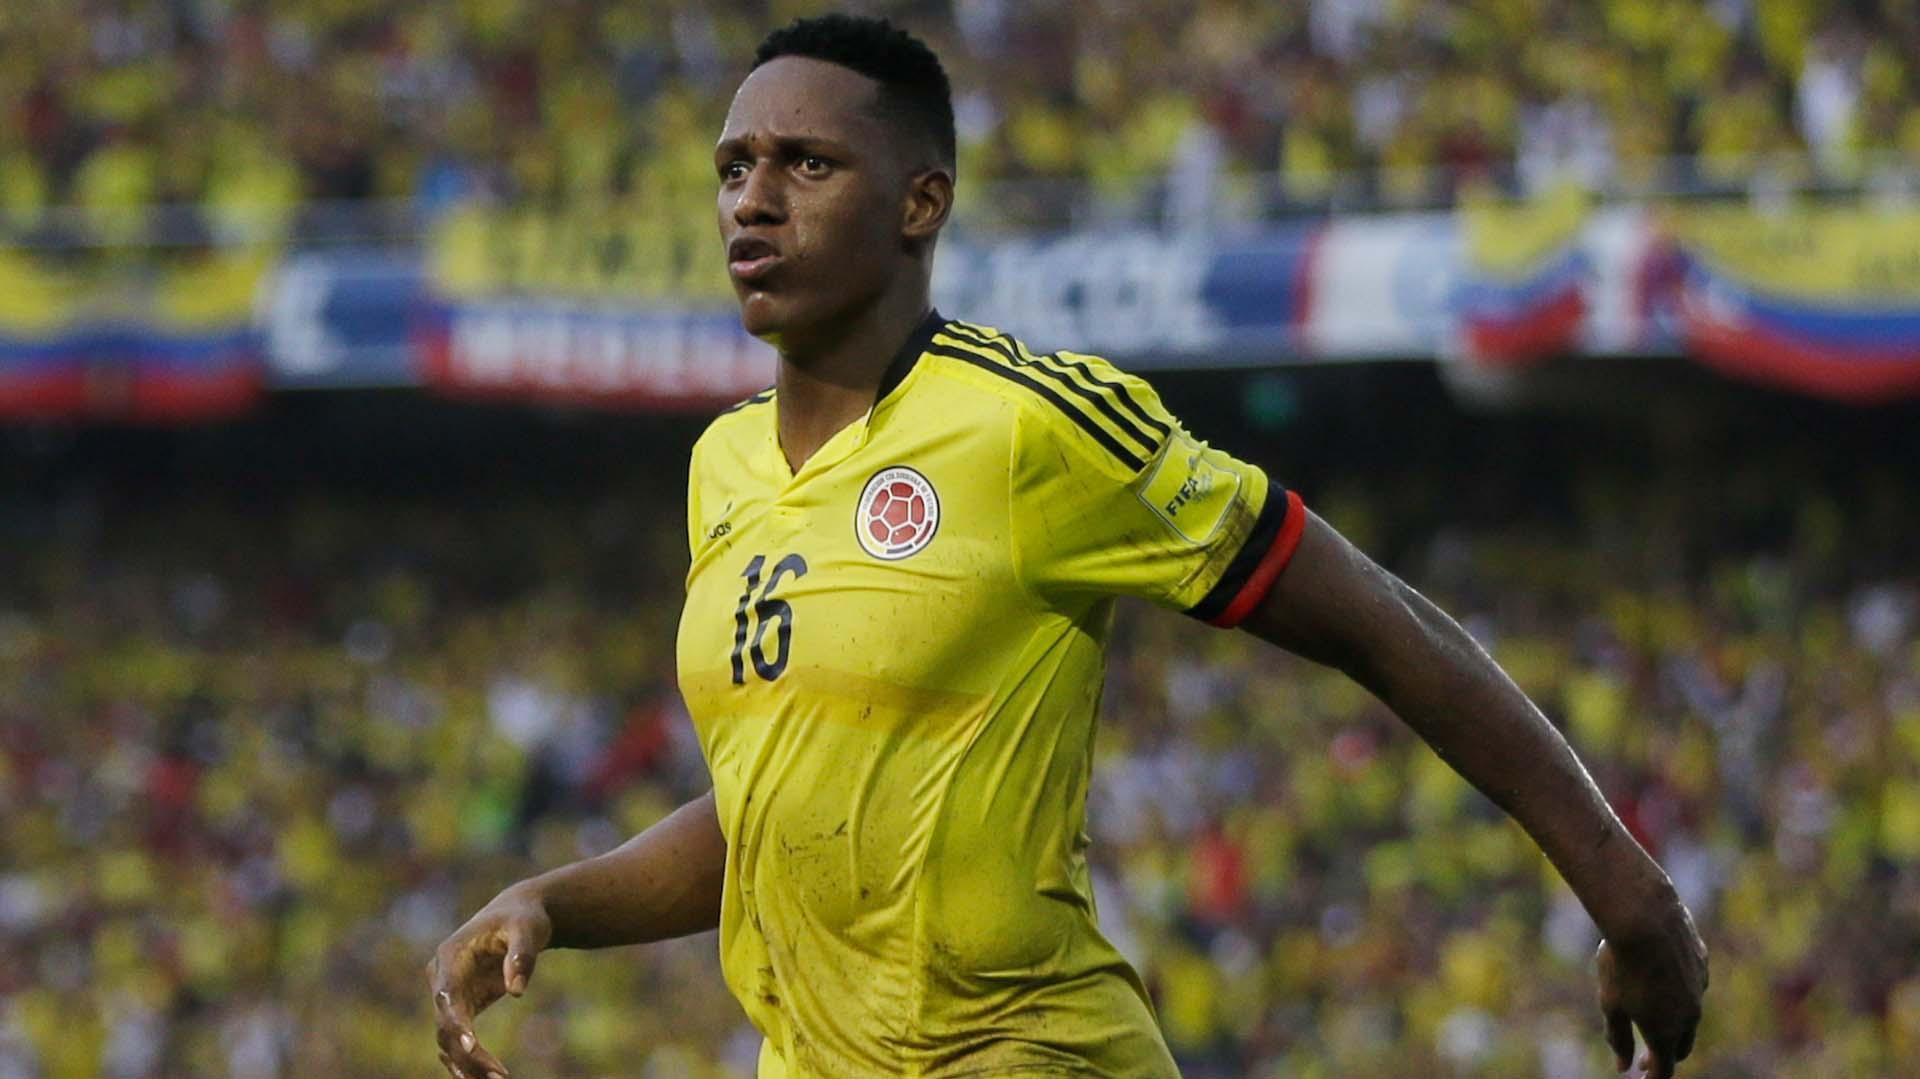 El defensor es una pieza fundamental en la selección de Colombia (AP)